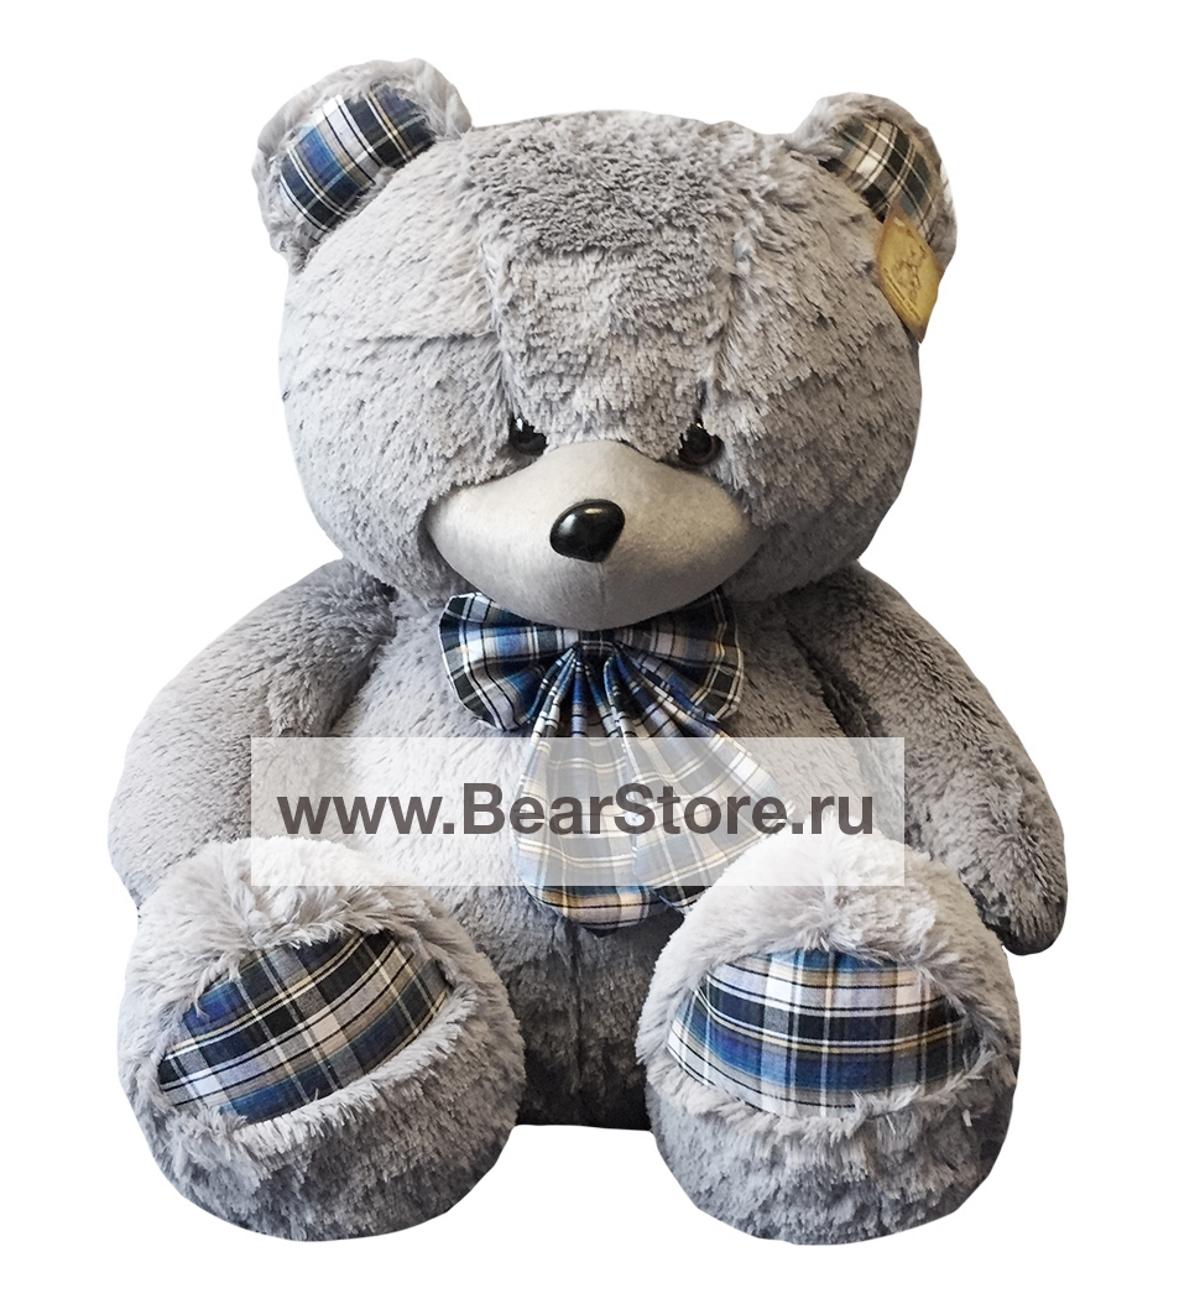 Медведь Тоша 90 см